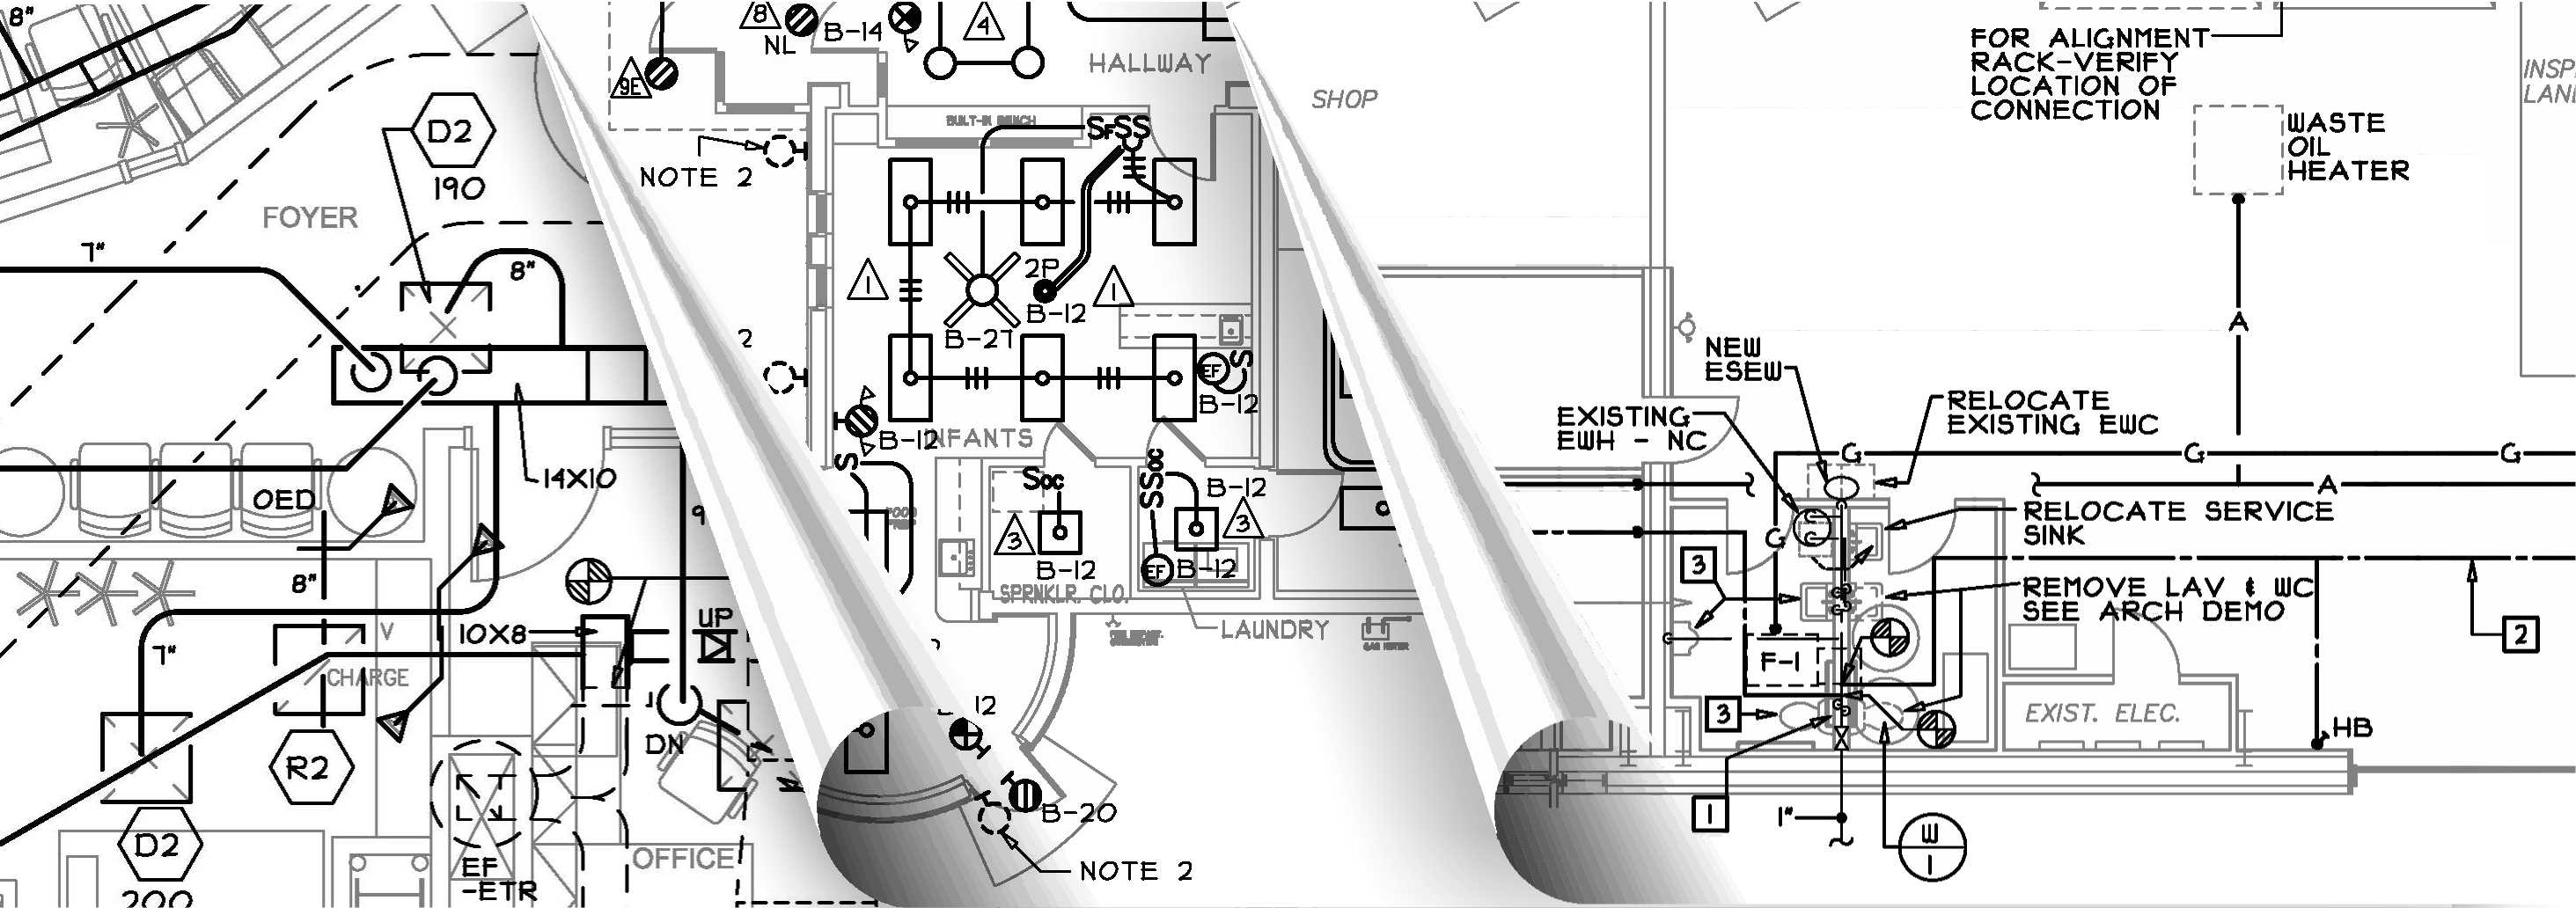 MEI Engineering Home